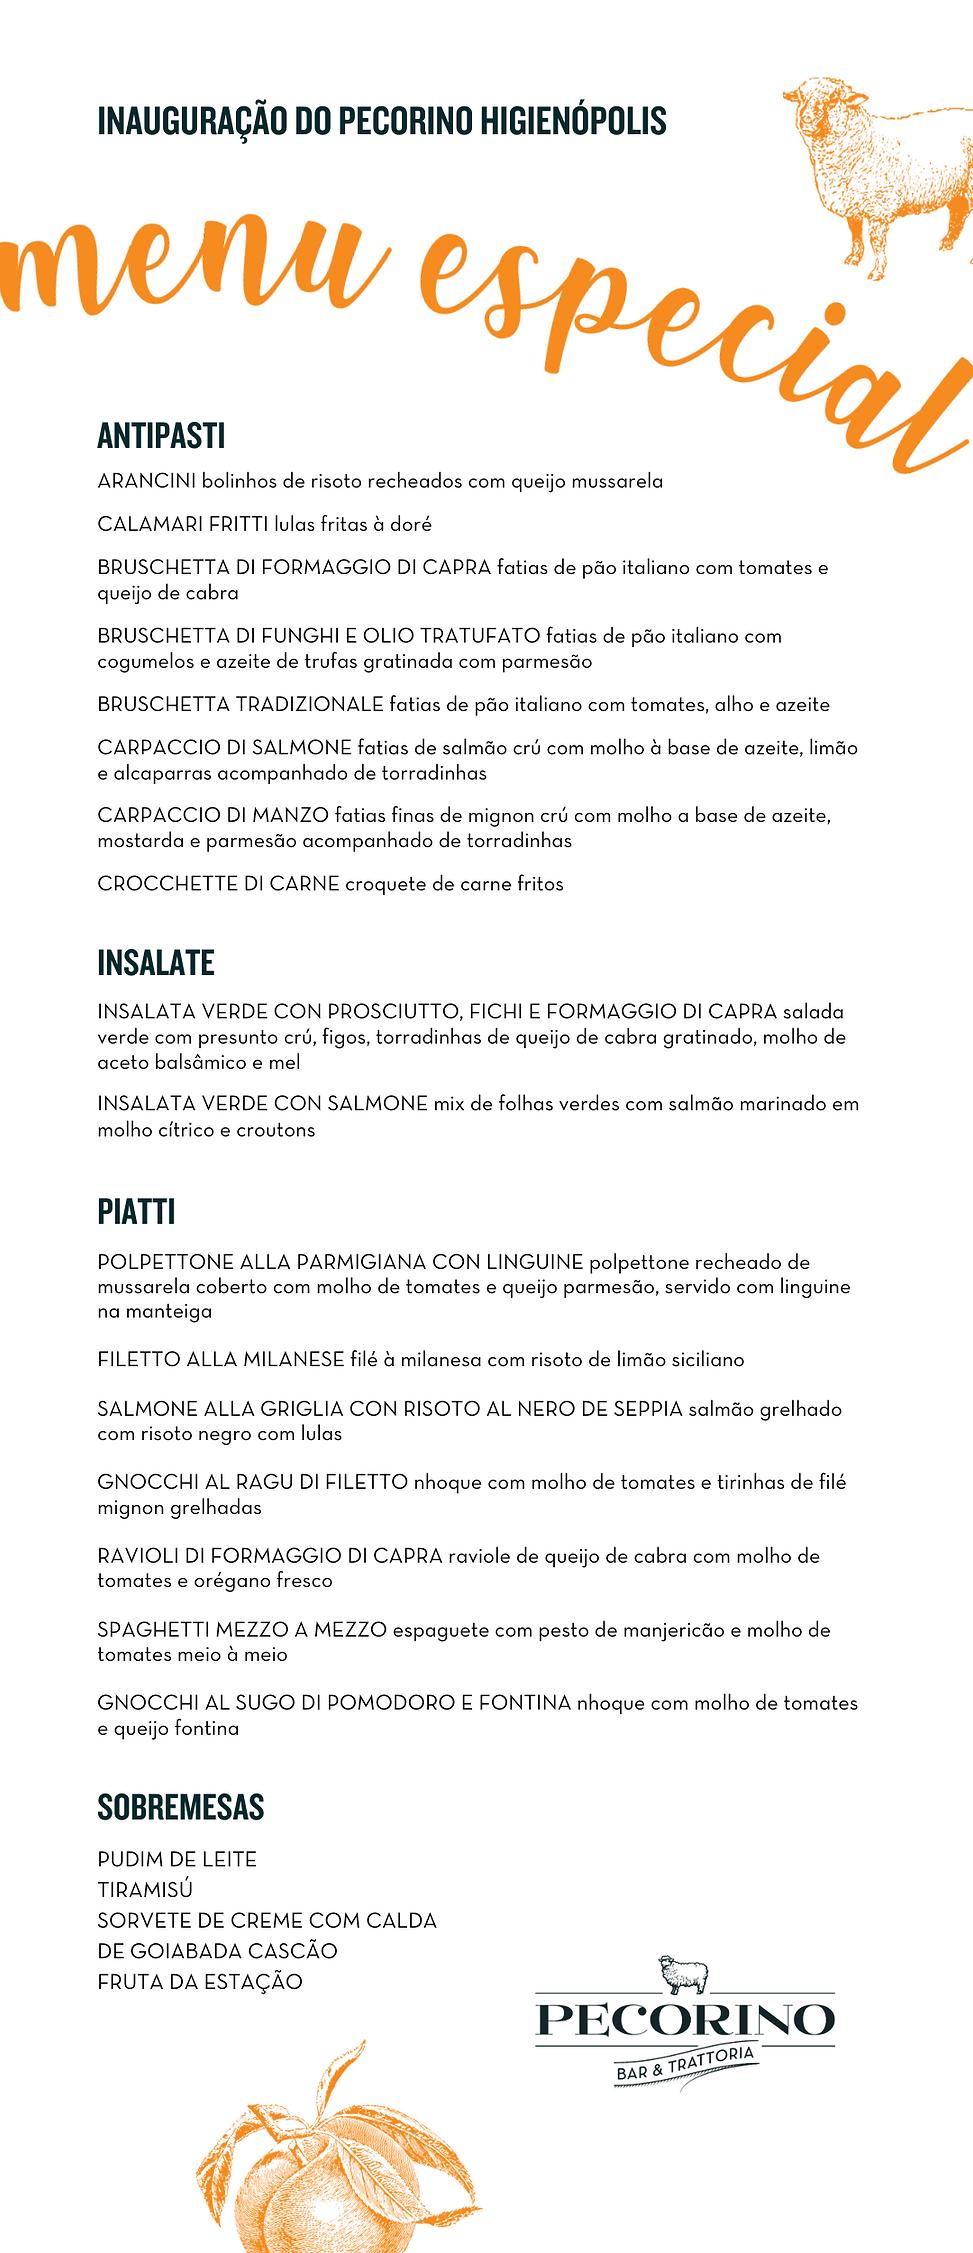 Cópia de Cardápio - Inauguração Pecorino